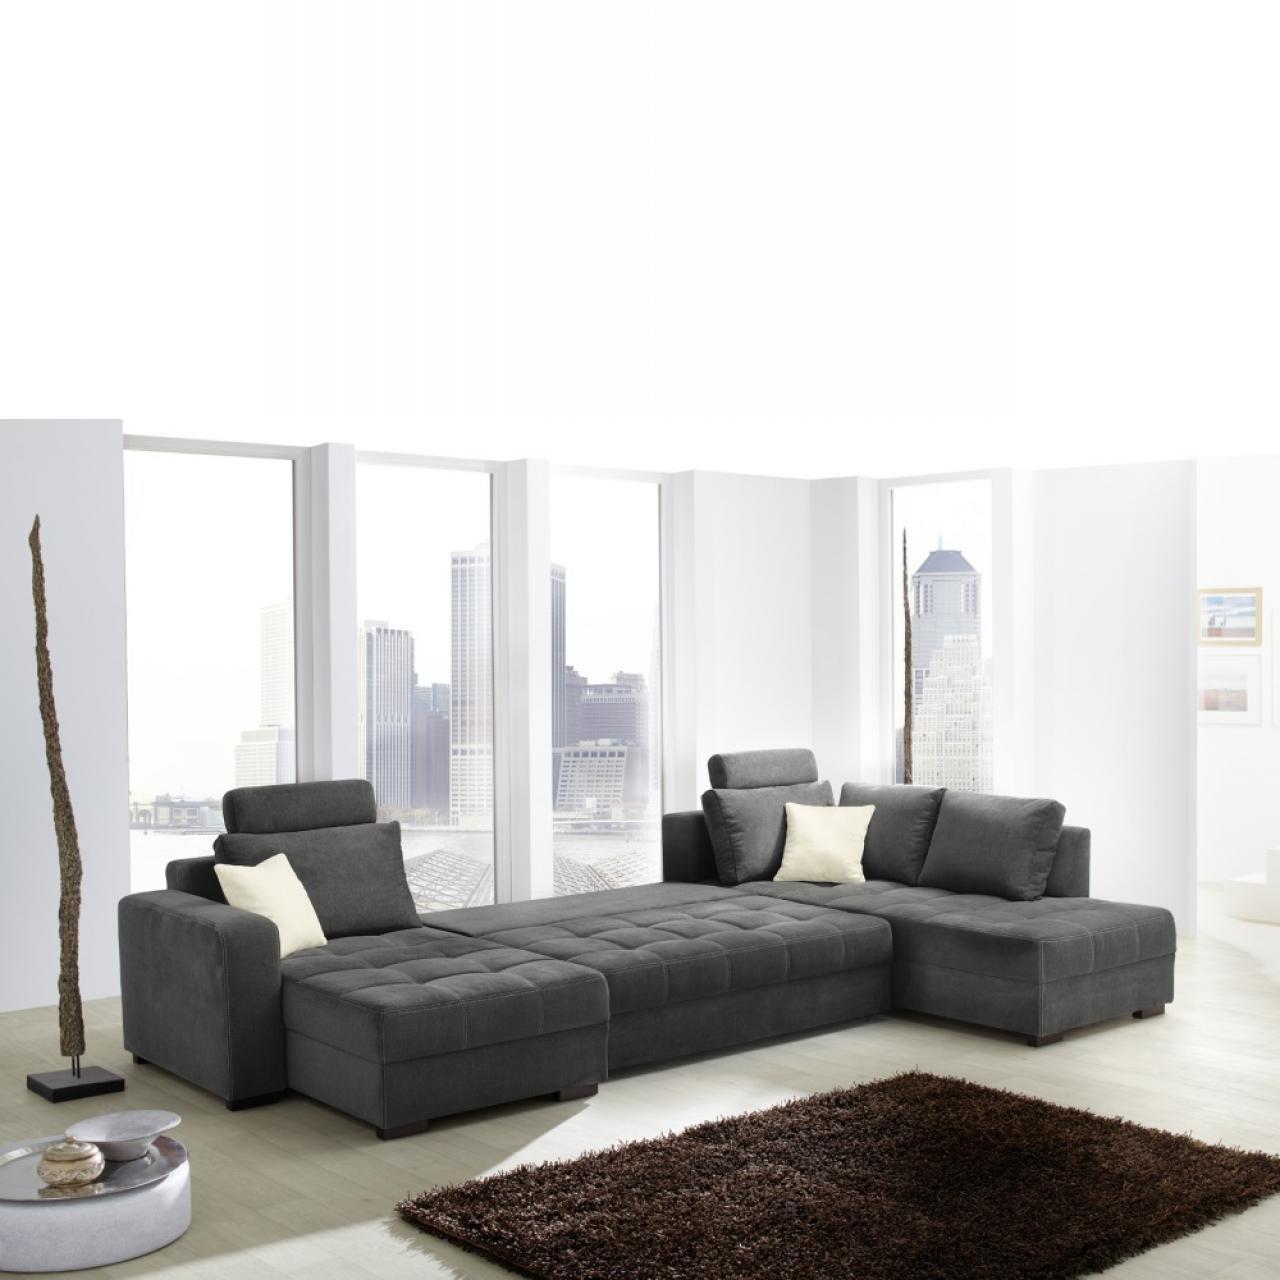 wohnlandschaft antego wohnlandschaft polsterm bel. Black Bedroom Furniture Sets. Home Design Ideas